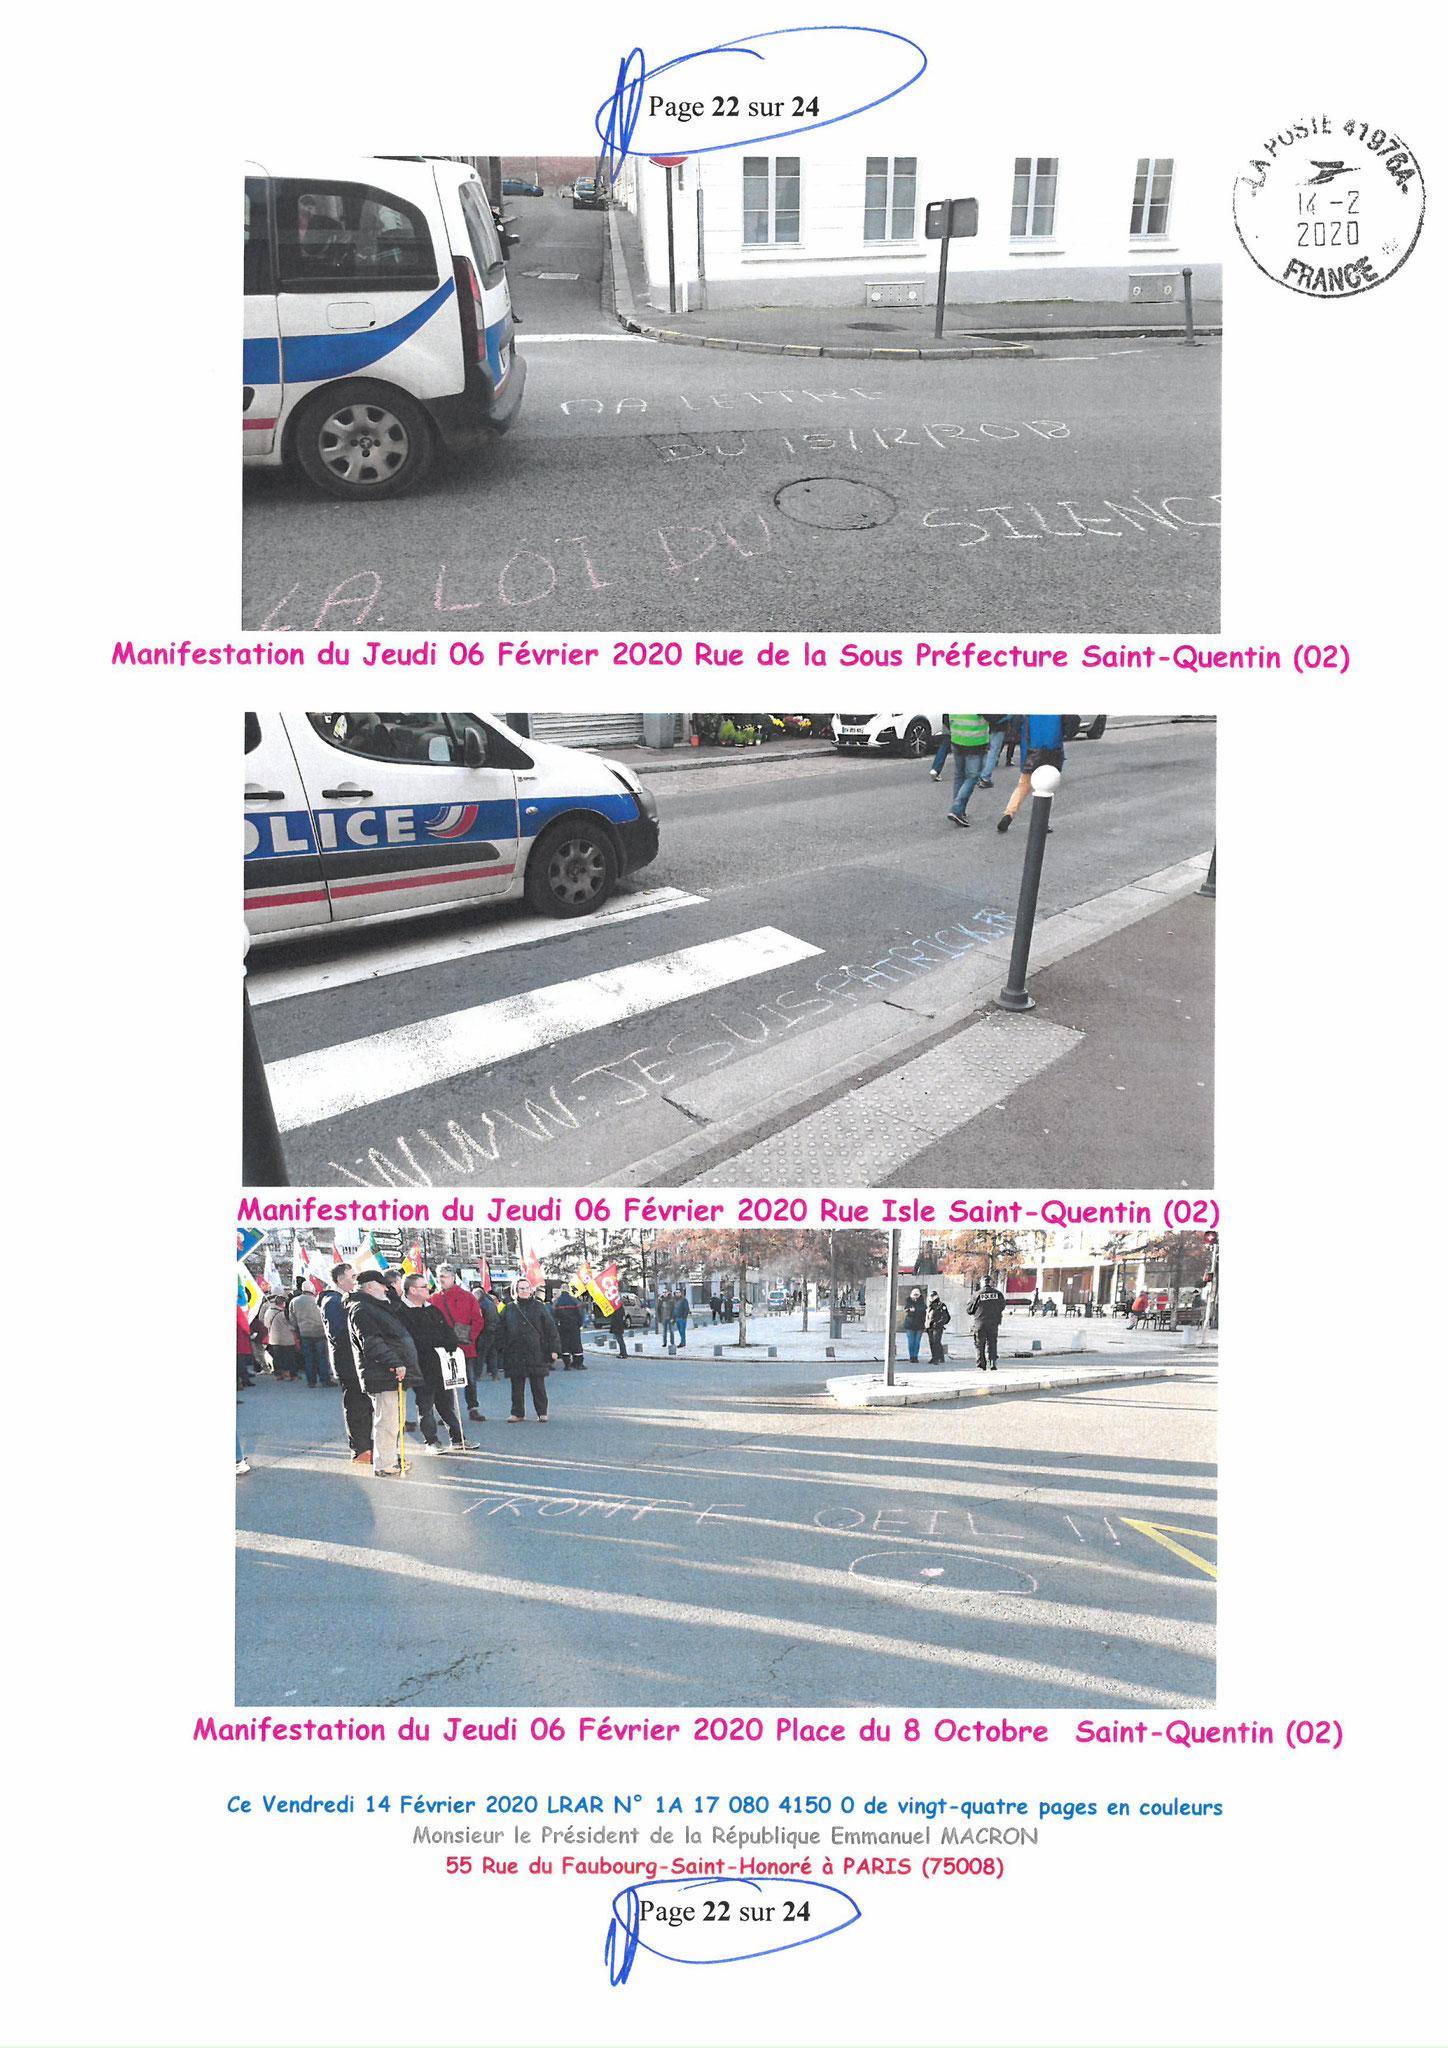 Ma lettre recommandée du 14 Février 2020 N° 1A 178 082 4150 0  page 22 sur 24 en couleur que j'ai adressé à Monsieur Emmanuel MACRON le Président de la République www.jesuispatrick.fr www.jesuisvictime.fr www.alerte-rouge-france.fr